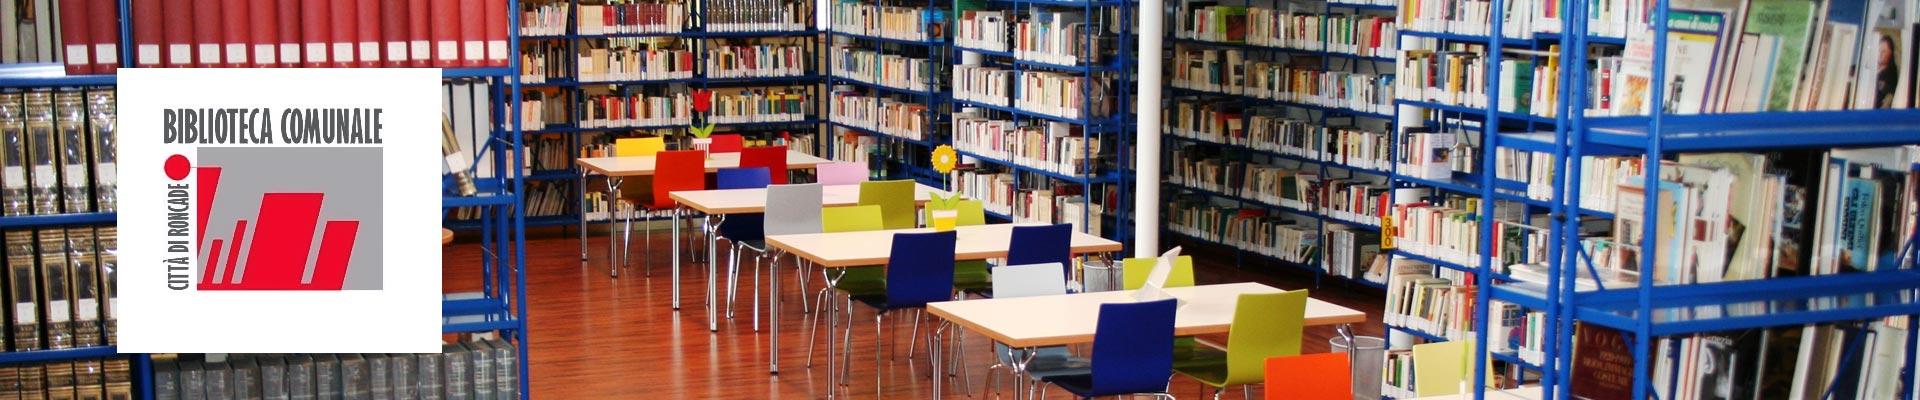 Biblioteca Comunale di Roncade